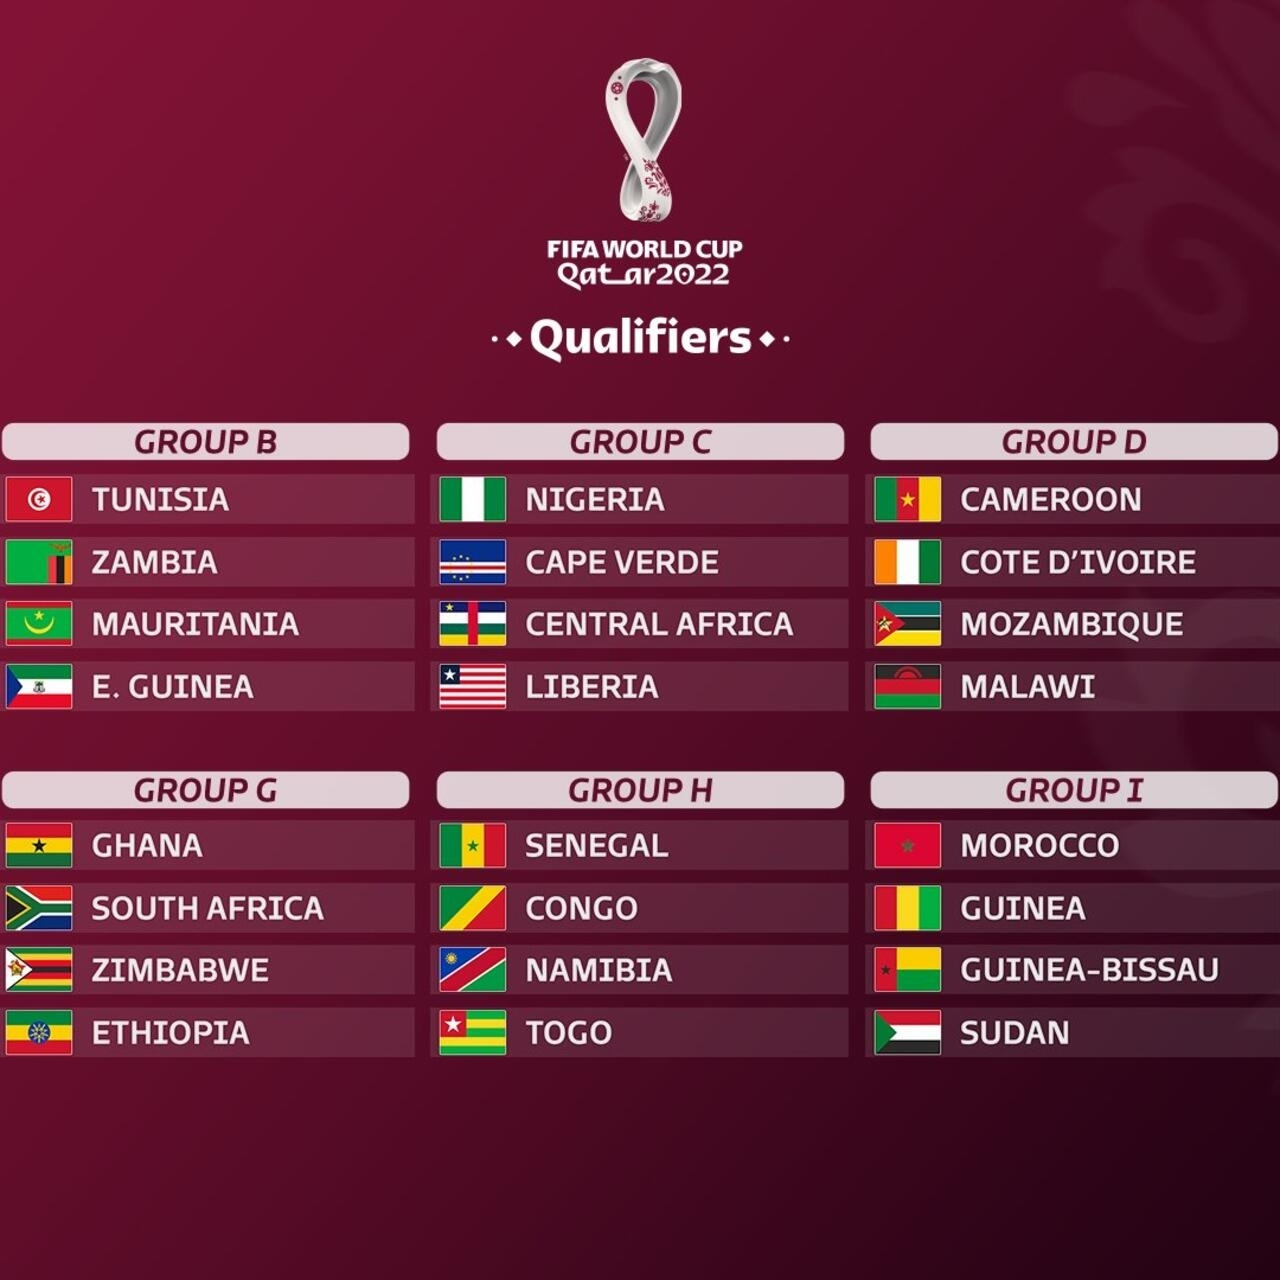 Coupe du monde 2022: calendrier et résultats des qualifications